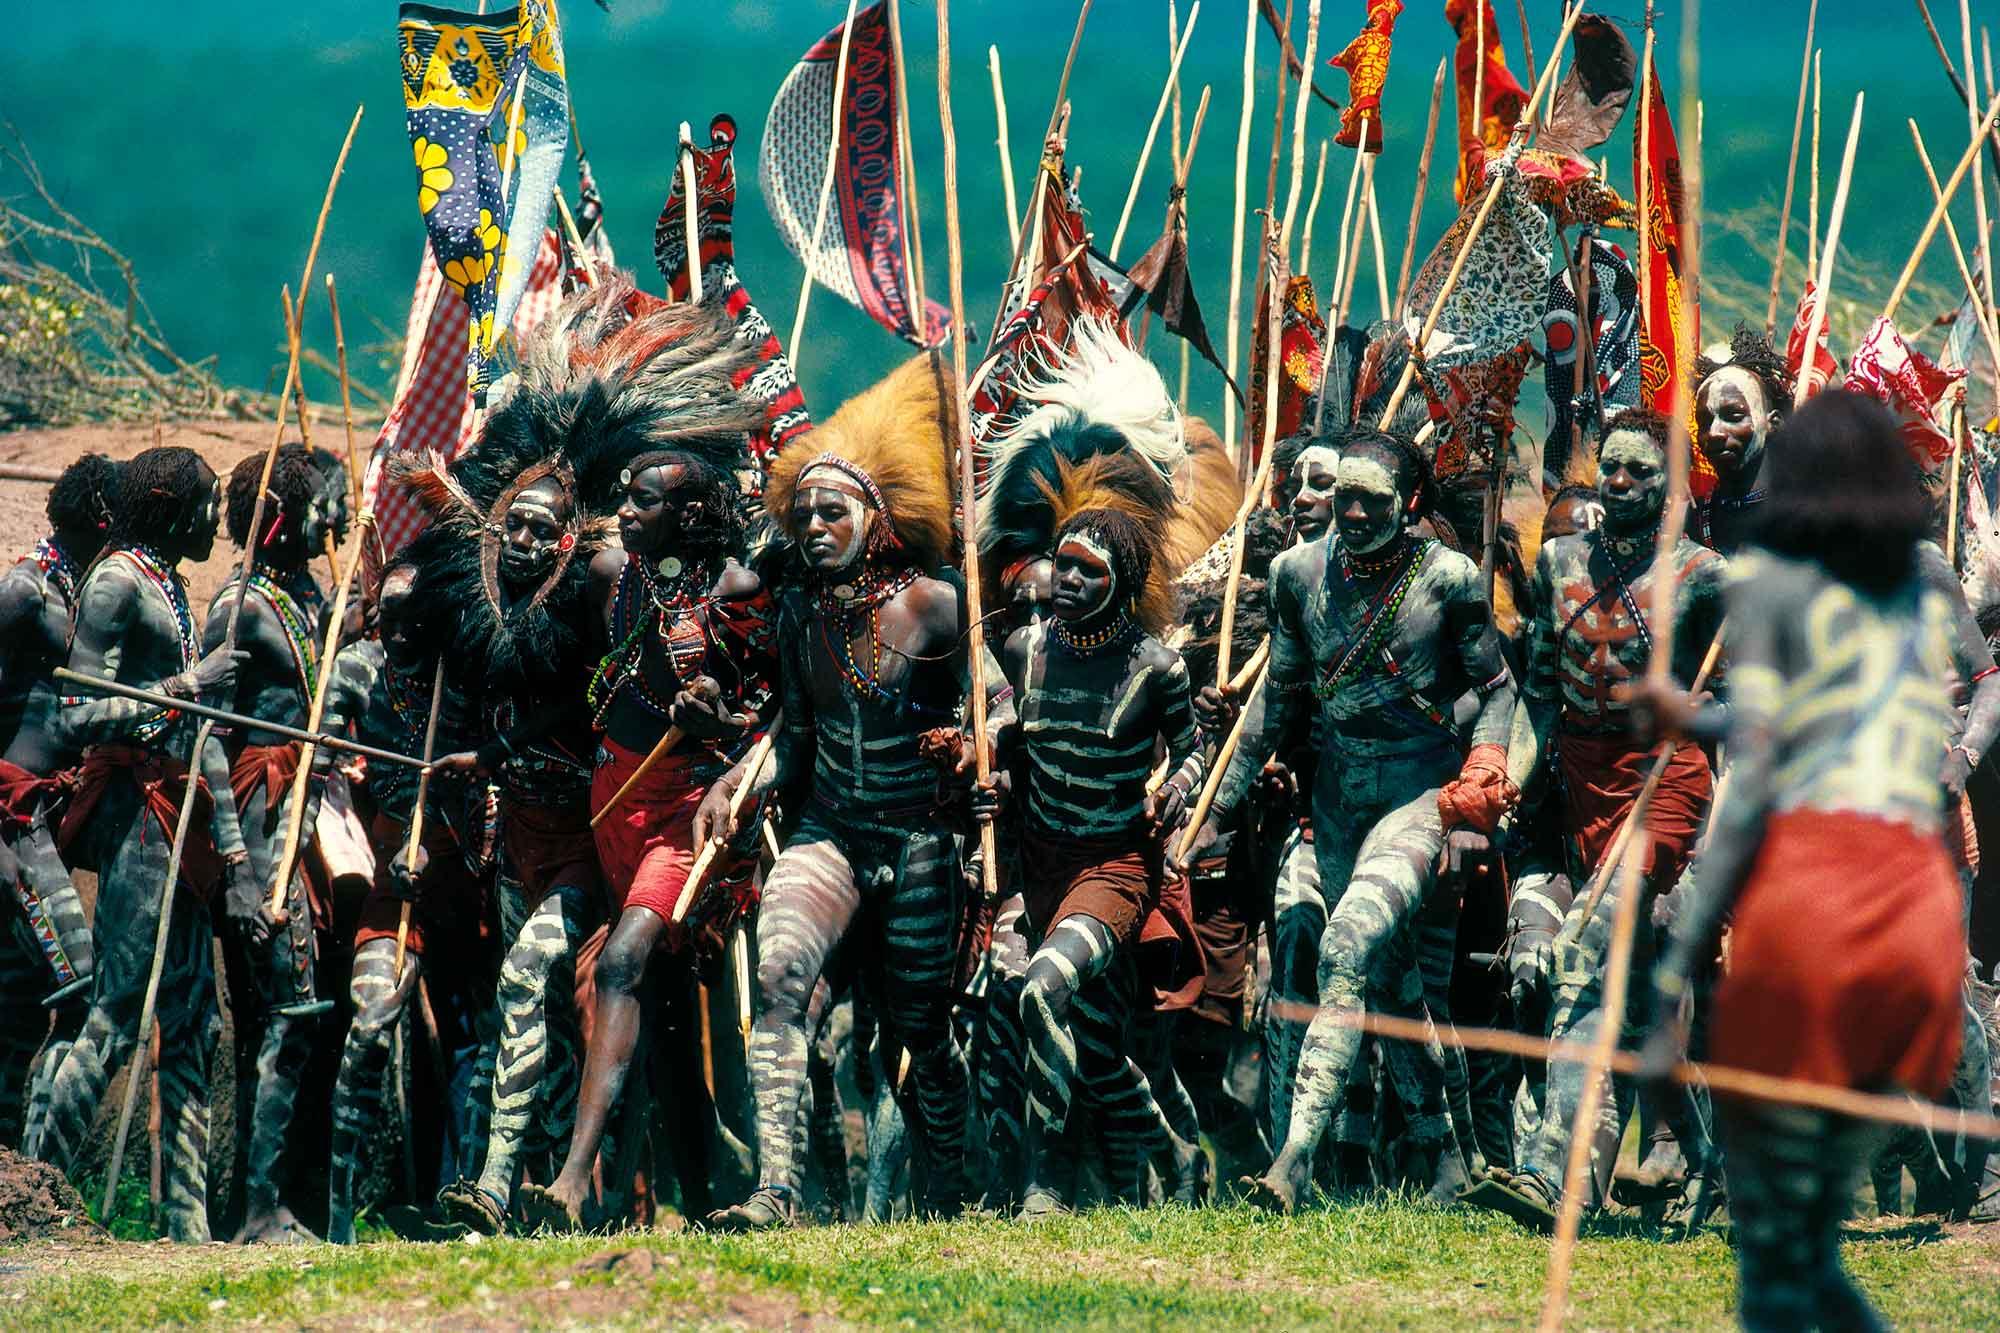 Warriors parade - Yann Arthus-Bertrand